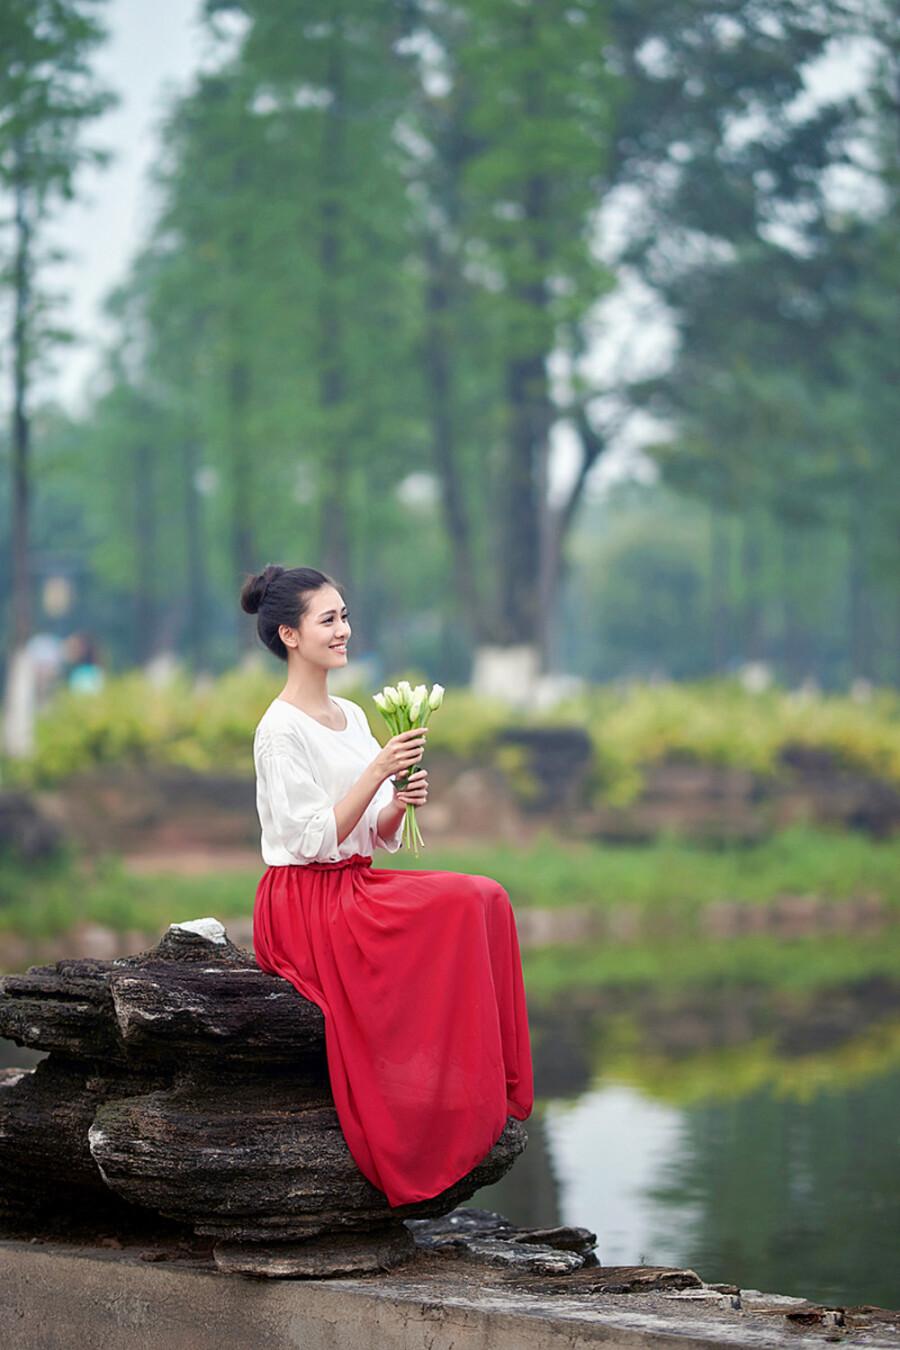 爱的世界只有你 - 春色满园 - 春色满园